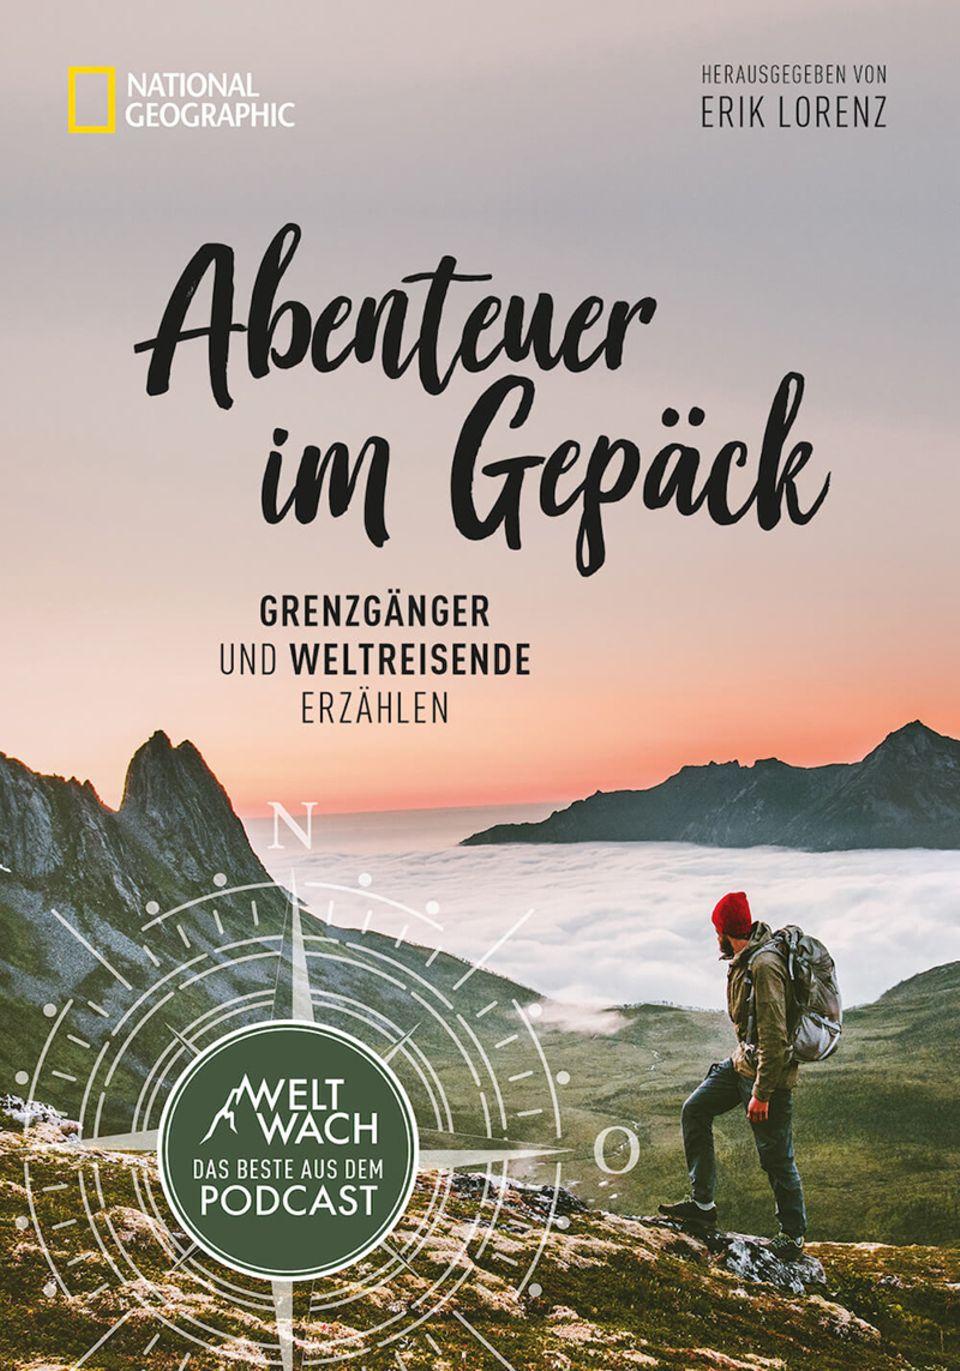 """Podcaster Erik Lorenz: Vereint die stärksten Folgen von Weltwach und zeigt die dazugehörenden Bilder: das Buch """"Abenteuer im Gepäck"""""""